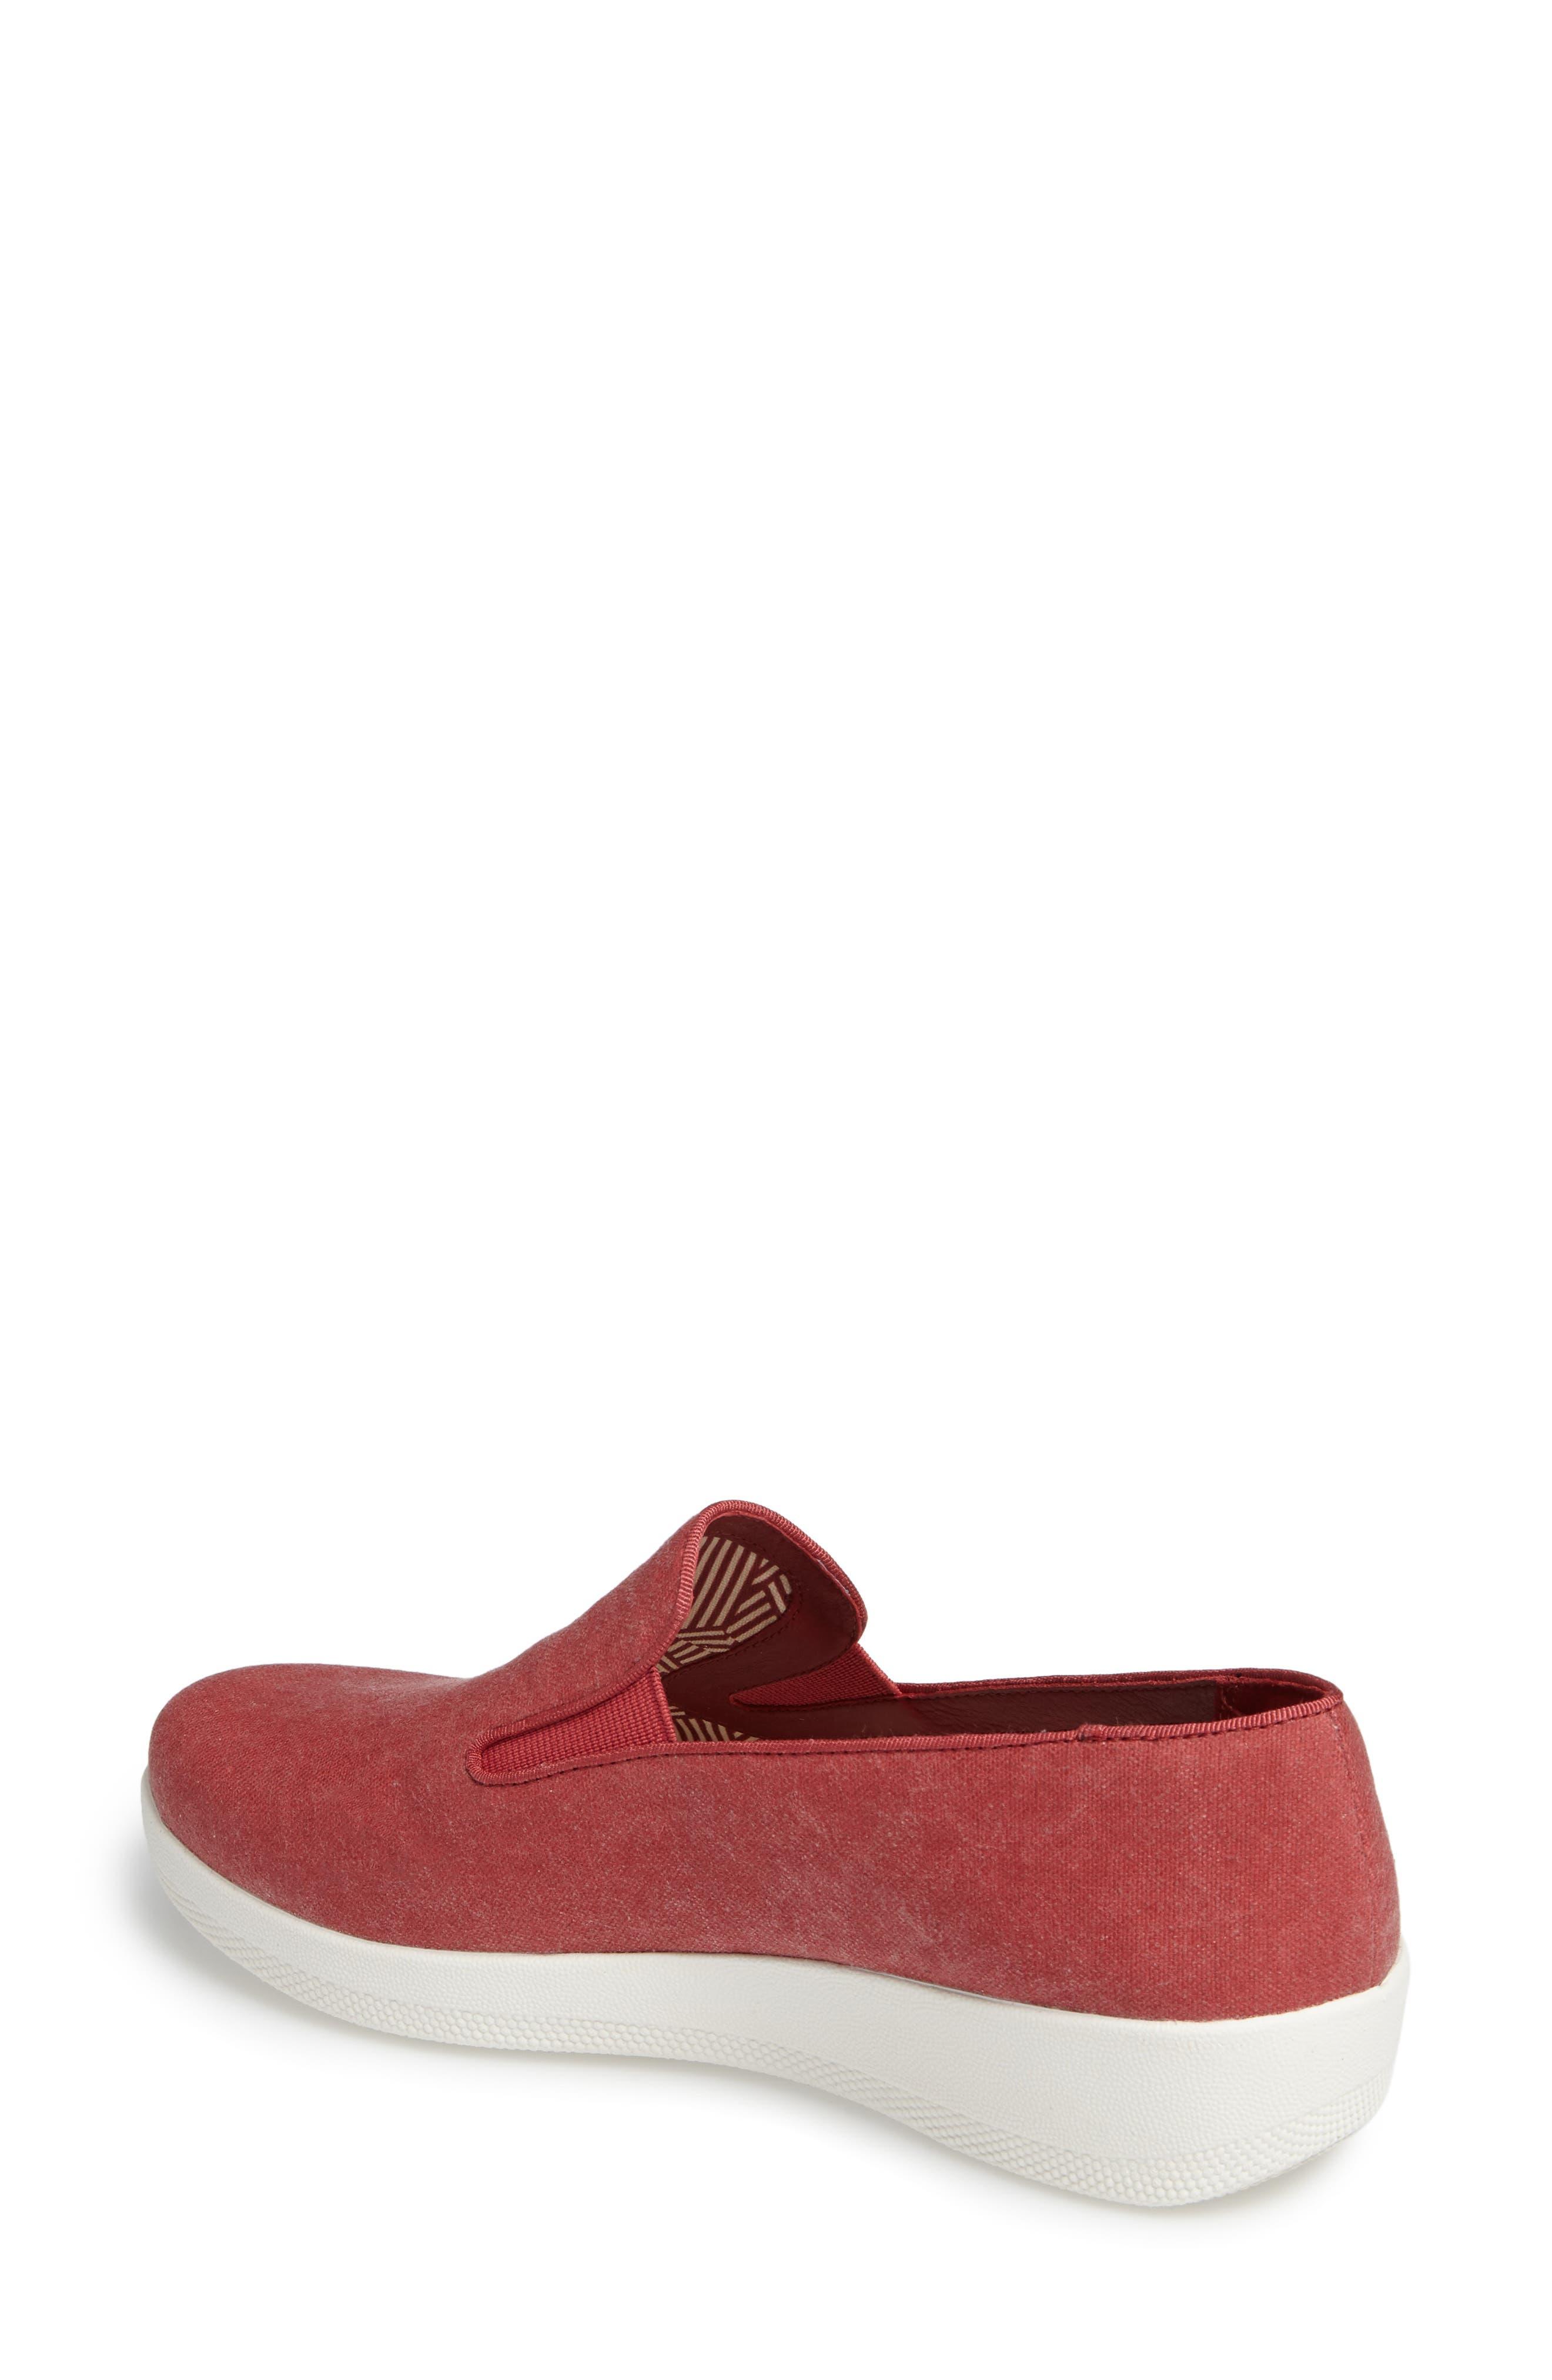 Superskate Slip-On Sneaker,                             Alternate thumbnail 39, color,